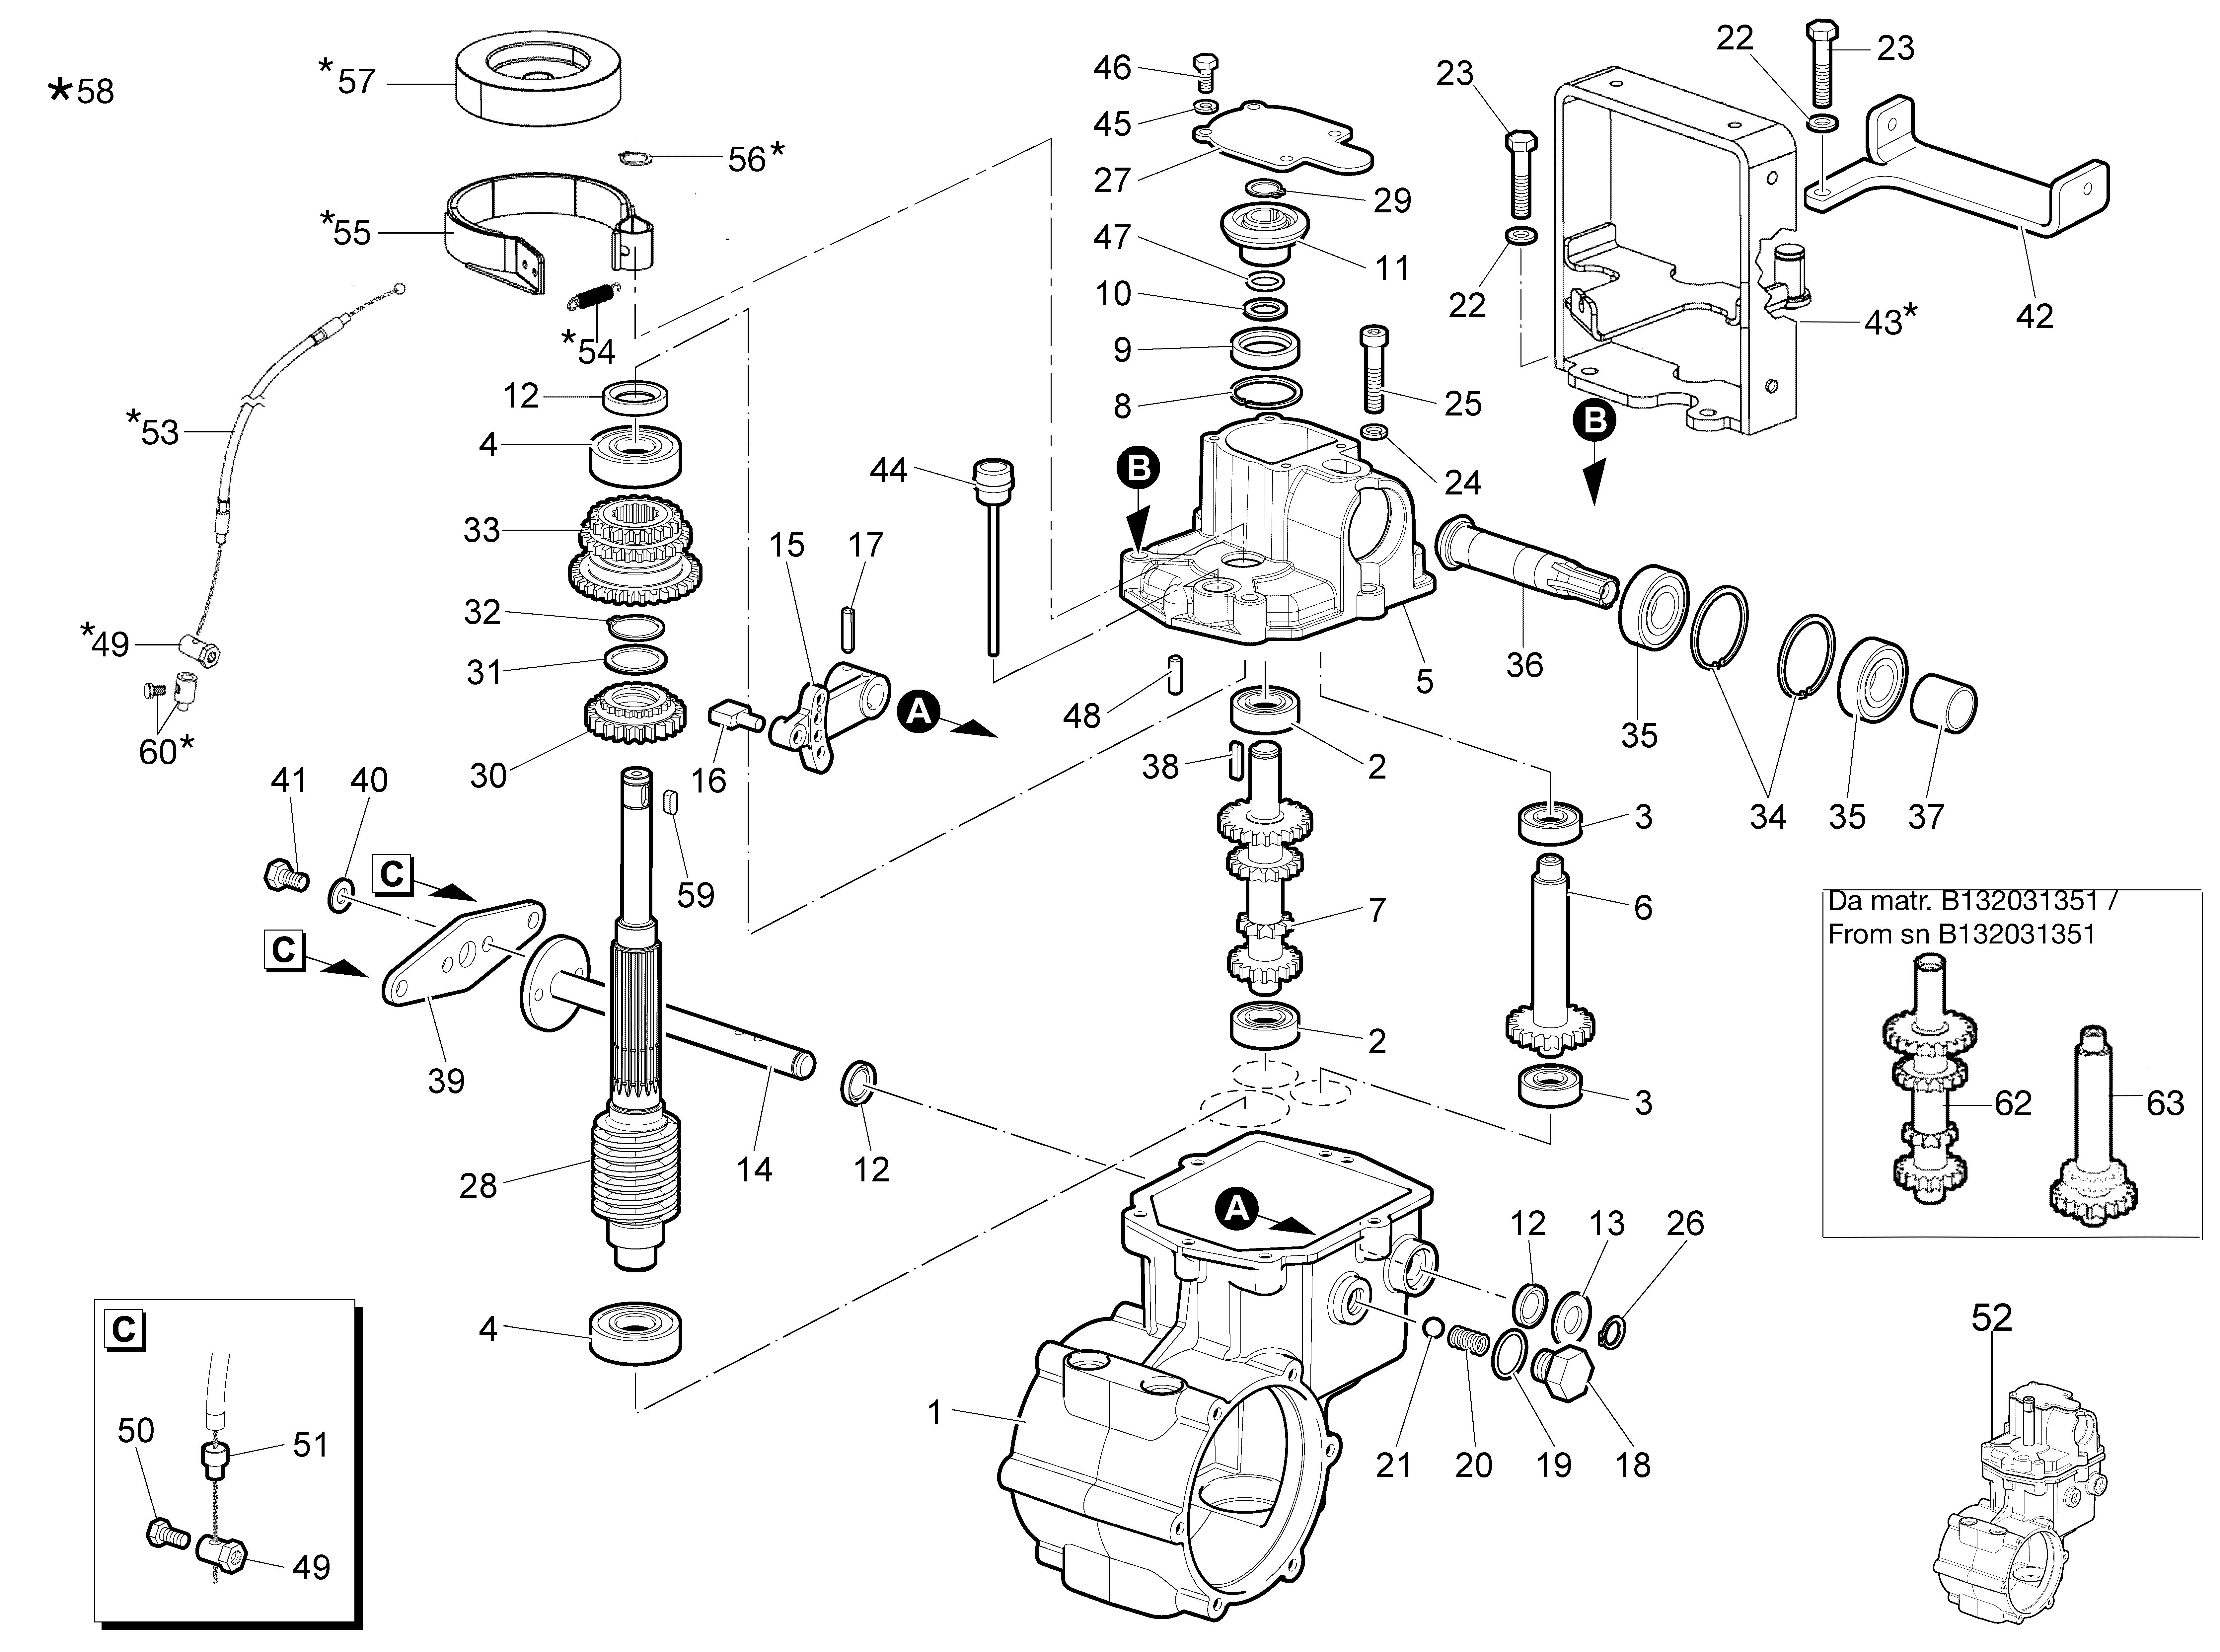 WB 80 KR 11 Tondeuse à fléaux  Oleomac Vue éclatée  Dessins pièces -  Engrenages de la boite a vitesse - avec frein depuis sn B133181826